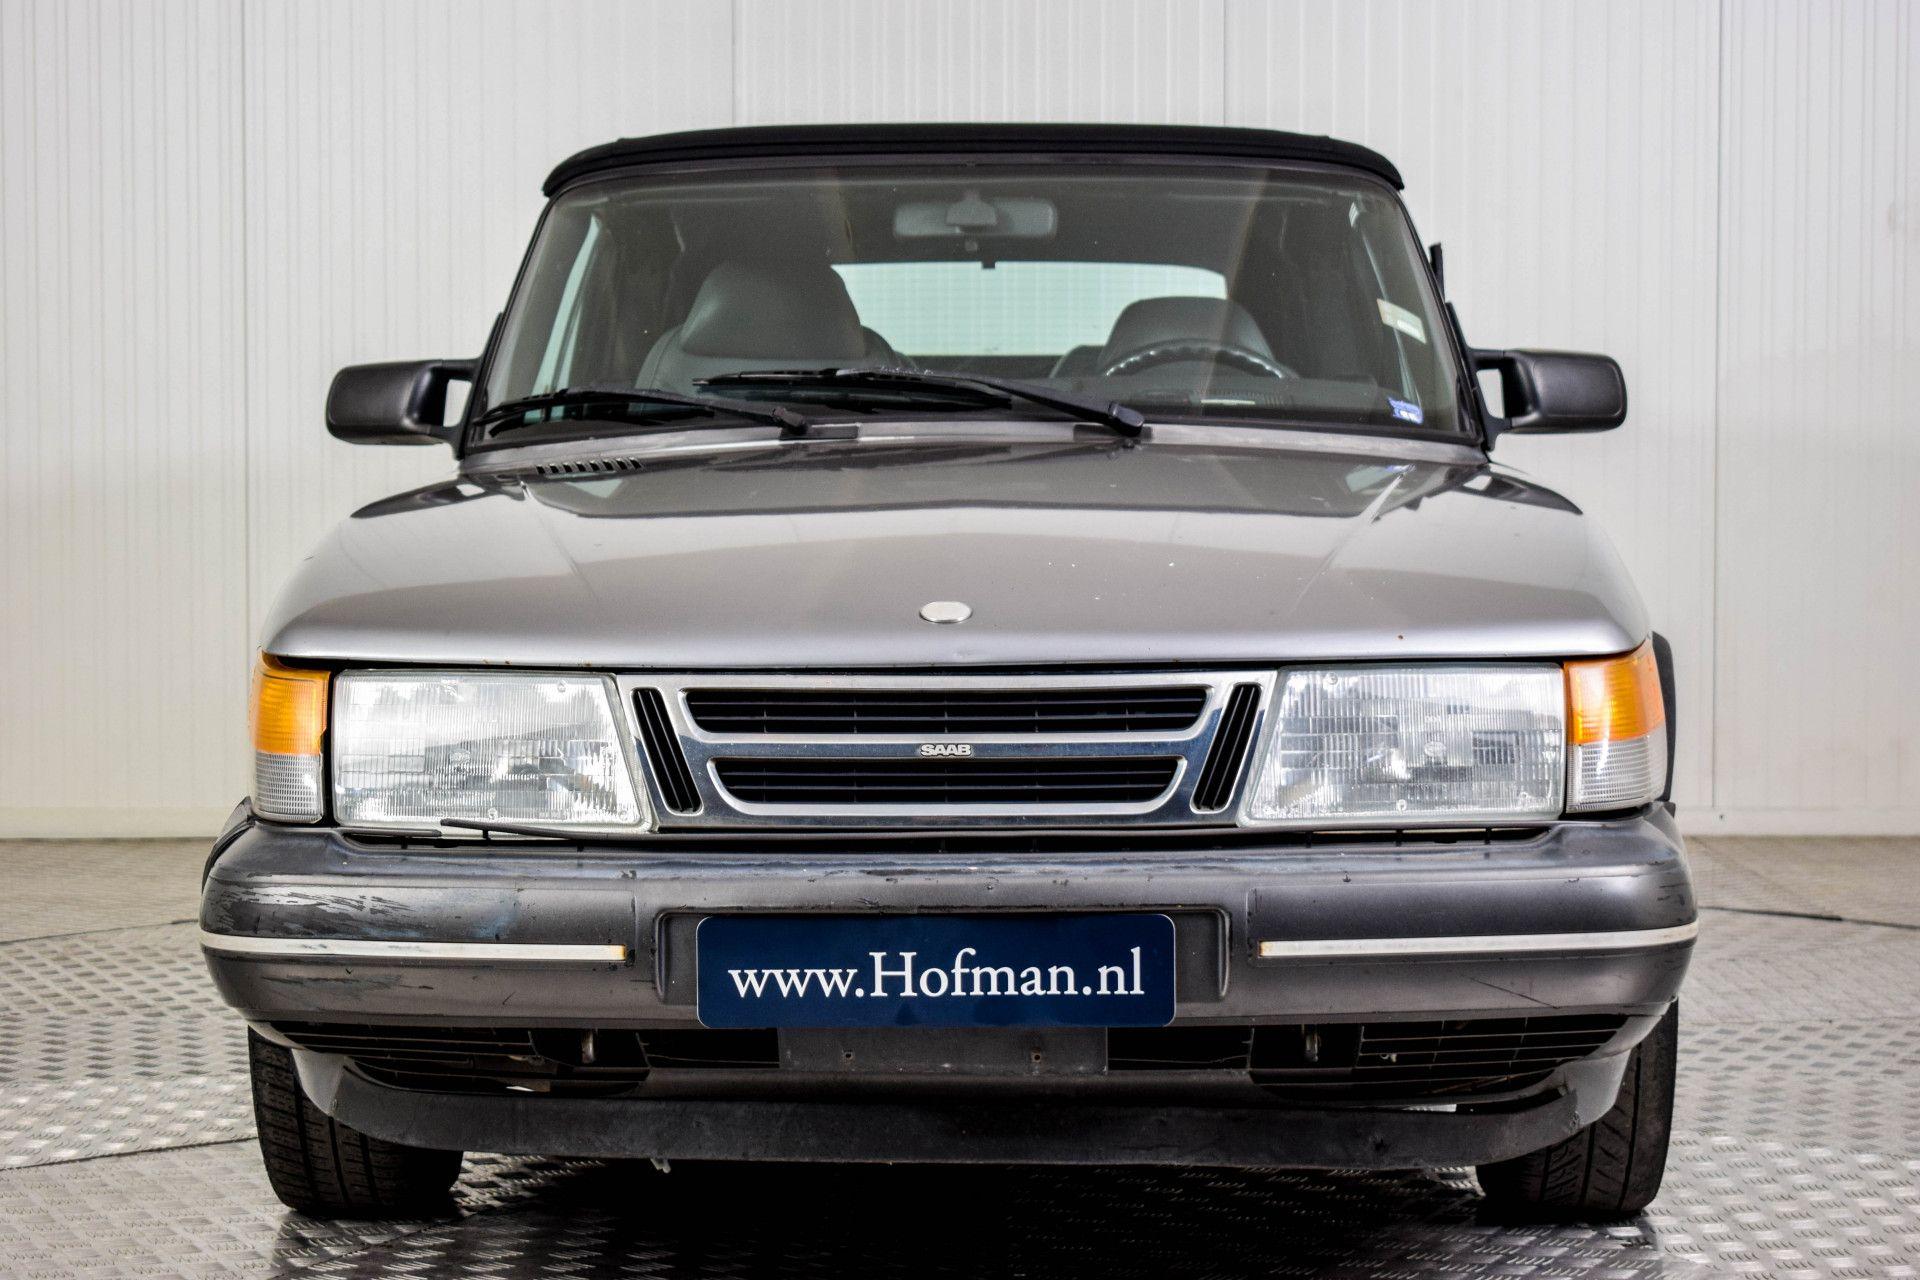 Saab 900 Turbo Cabriolet Foto 26